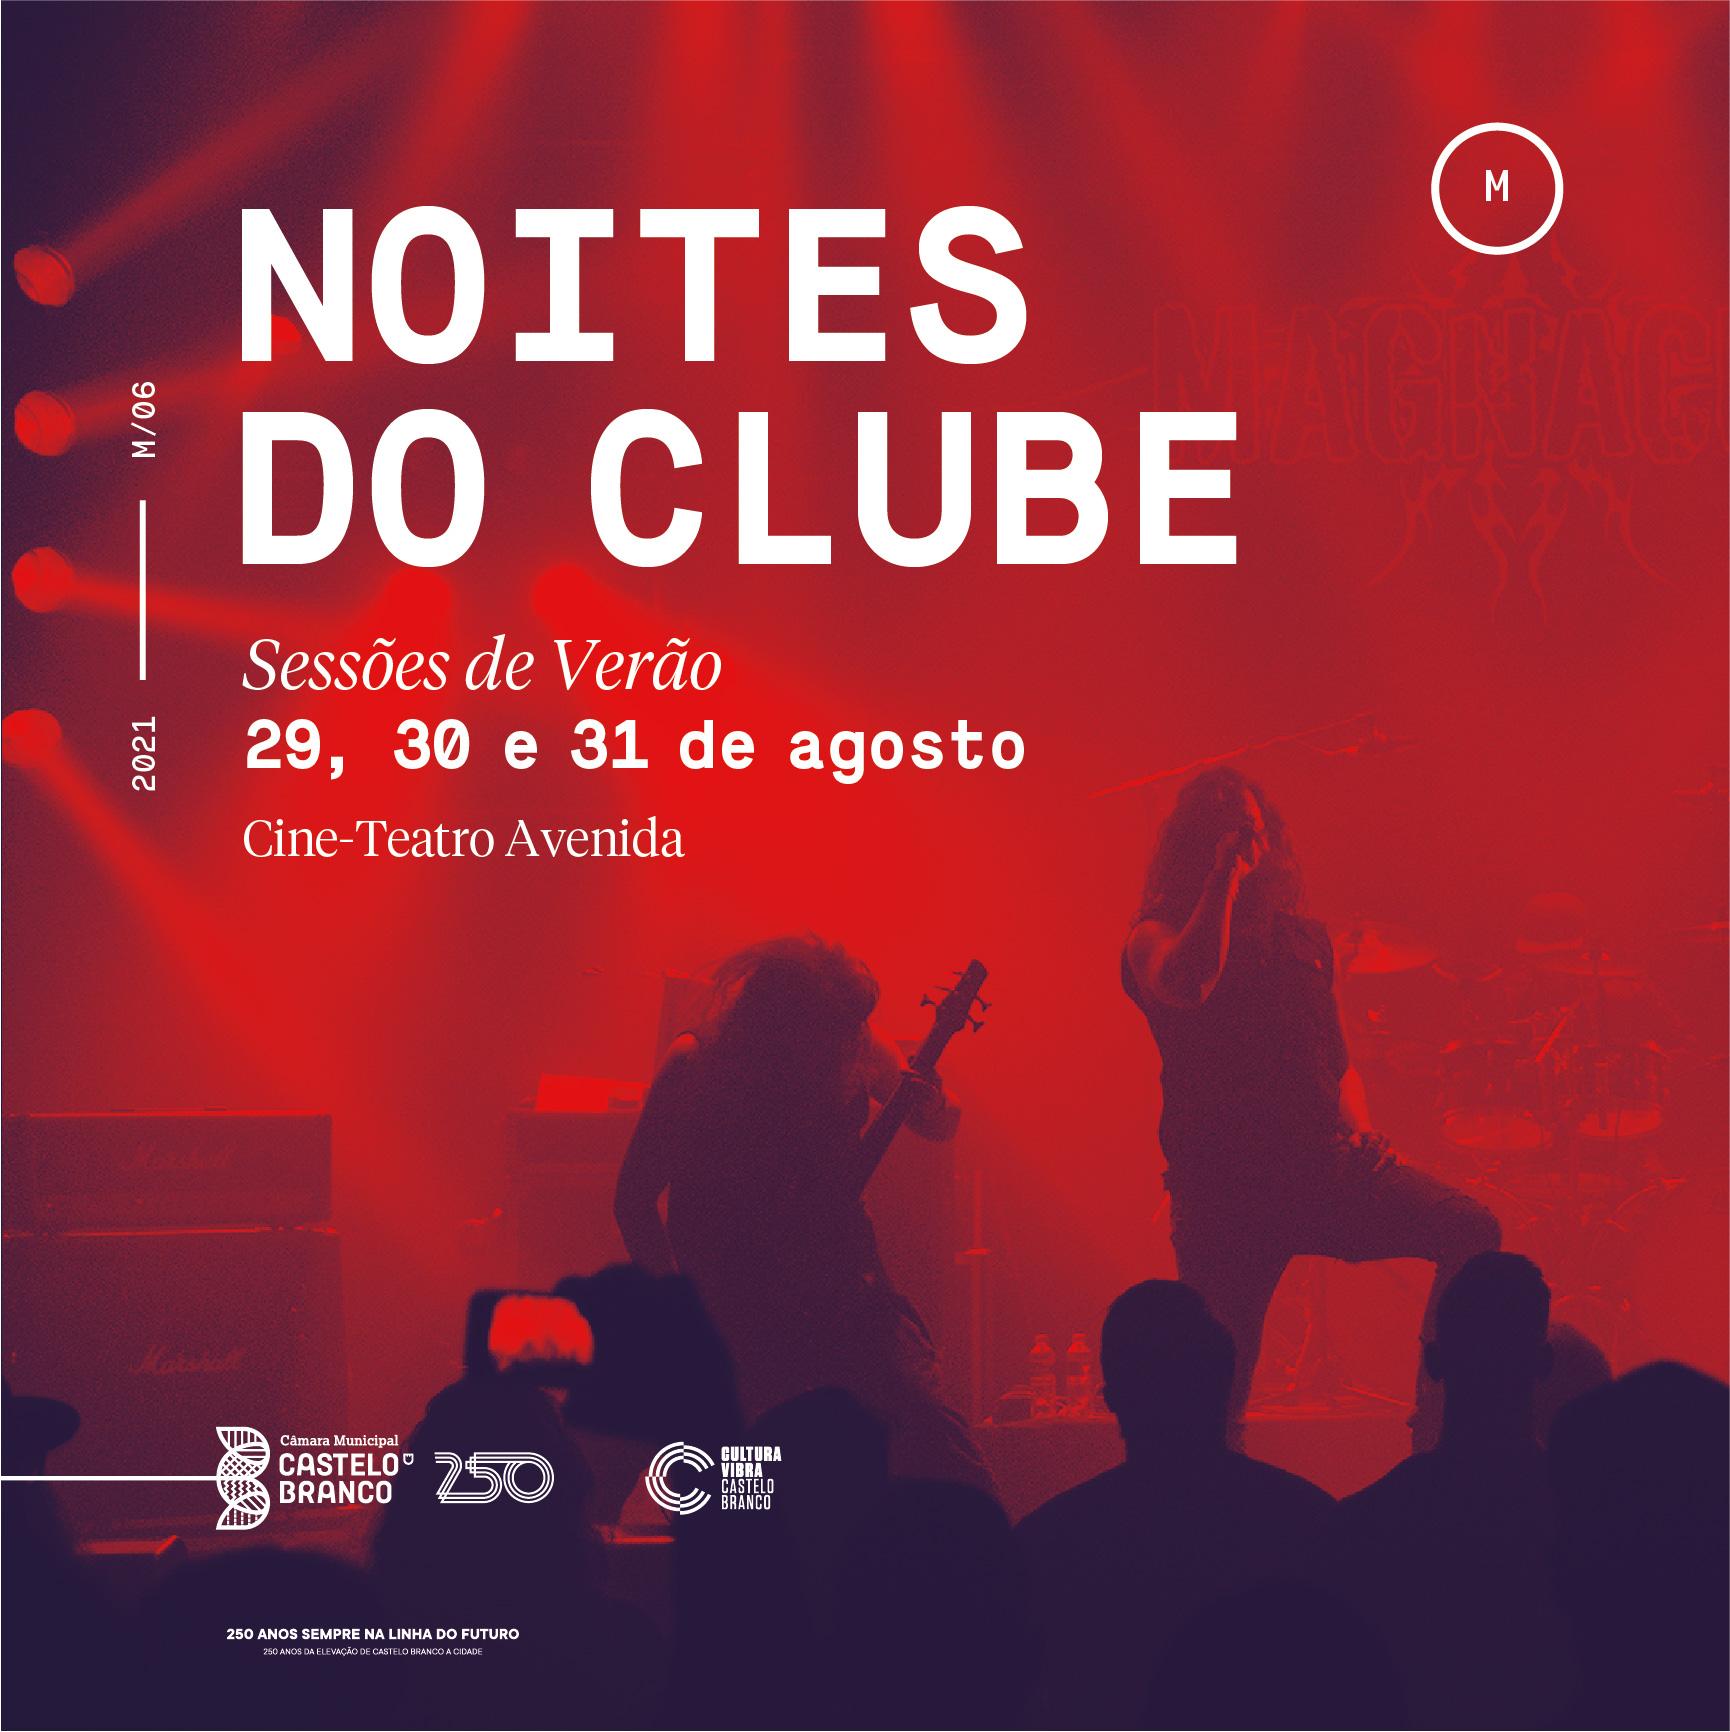 Noites do Clube - Sessões de Verão II